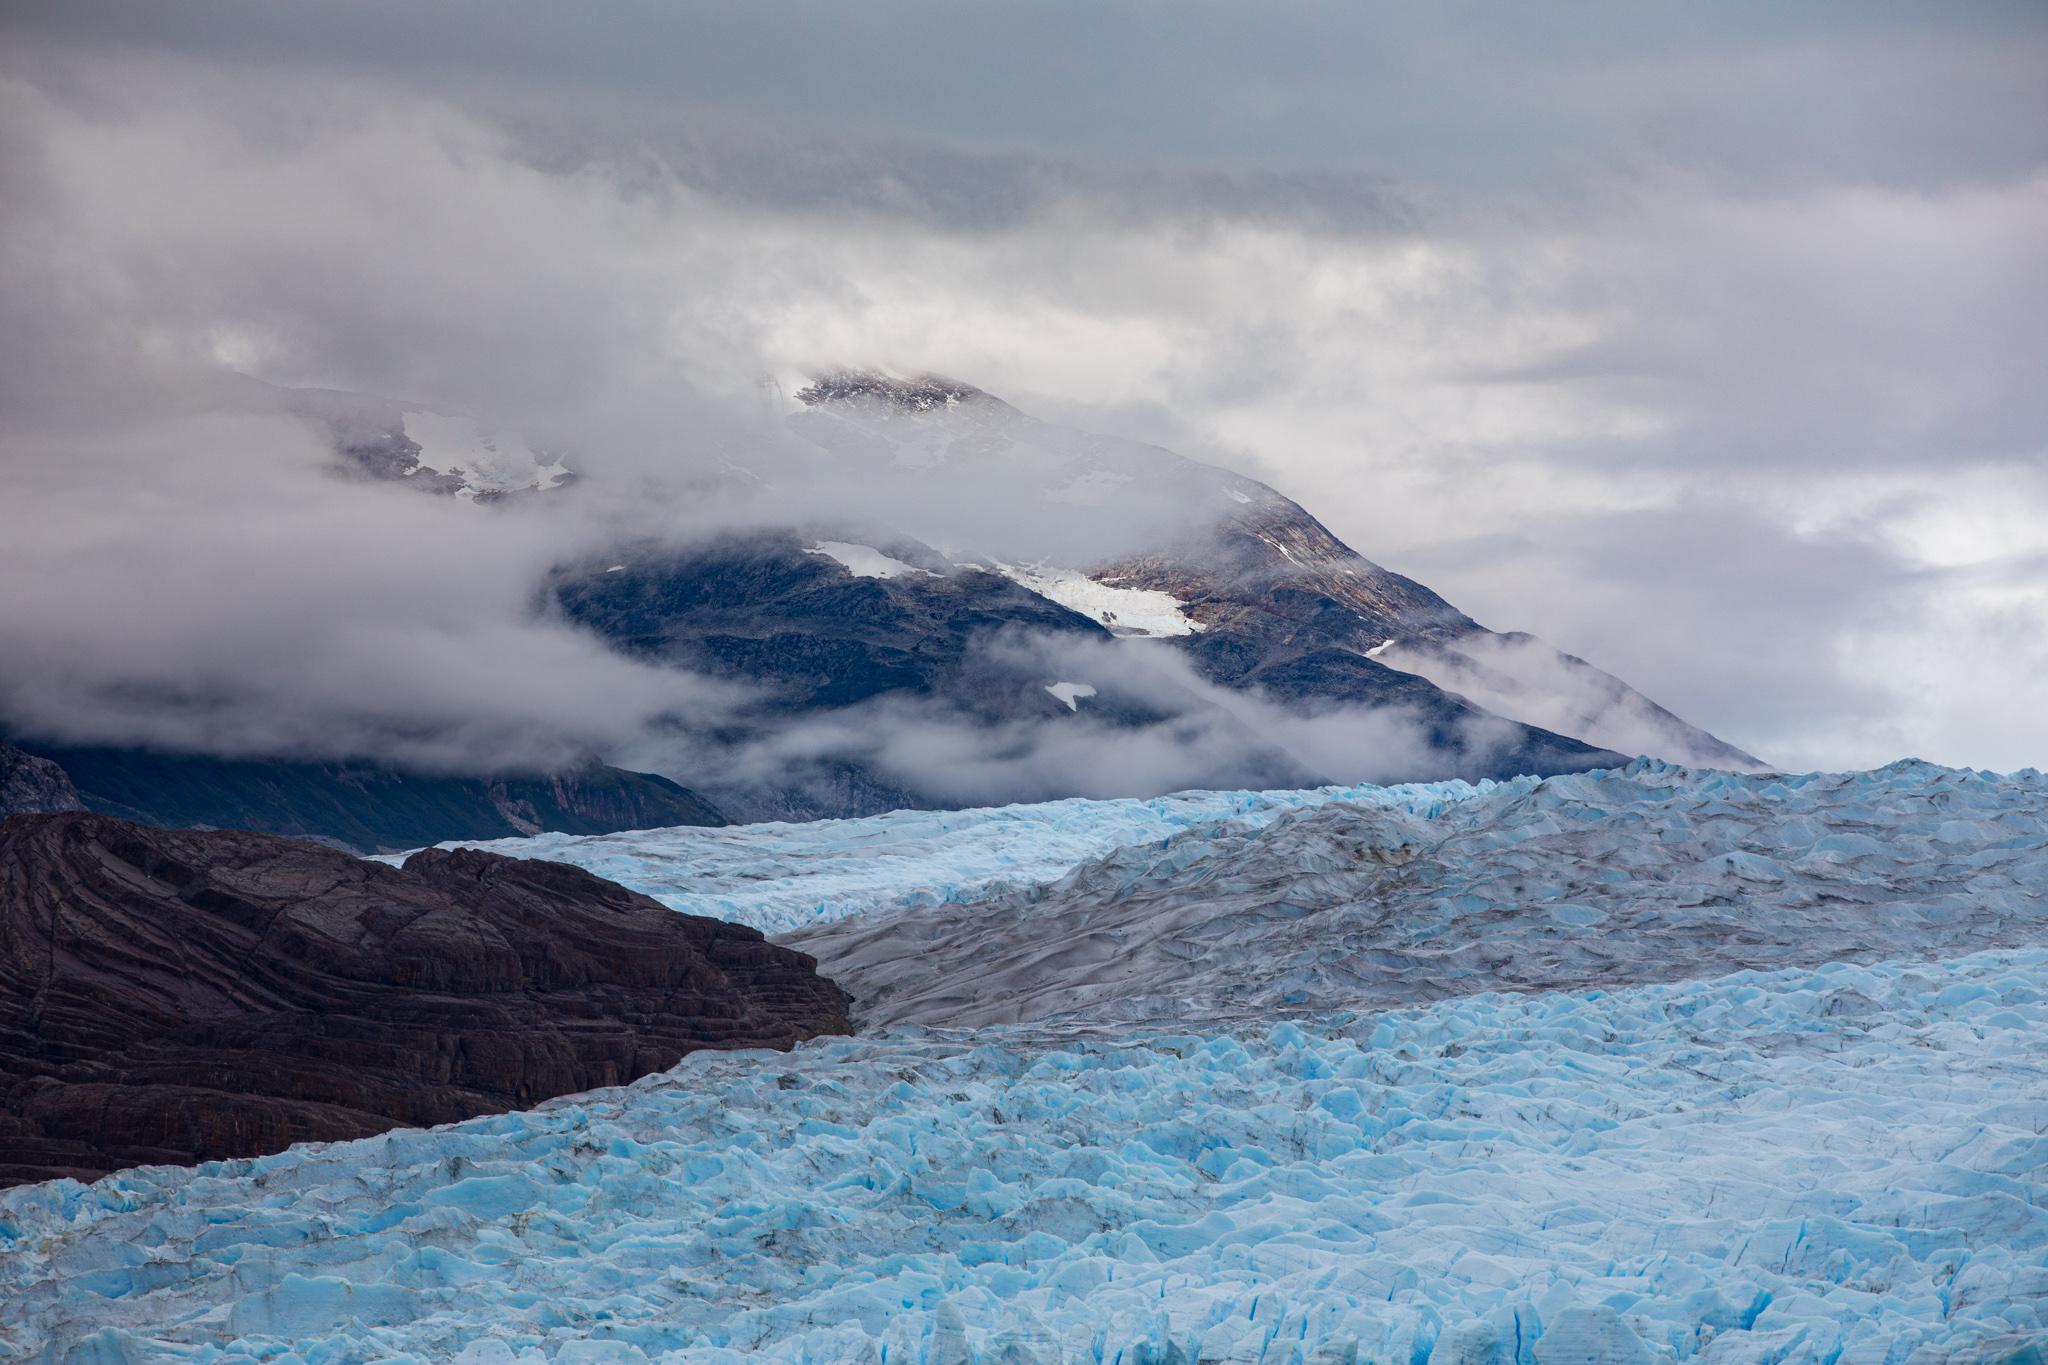 Photo: Der breite Gletscherfluss